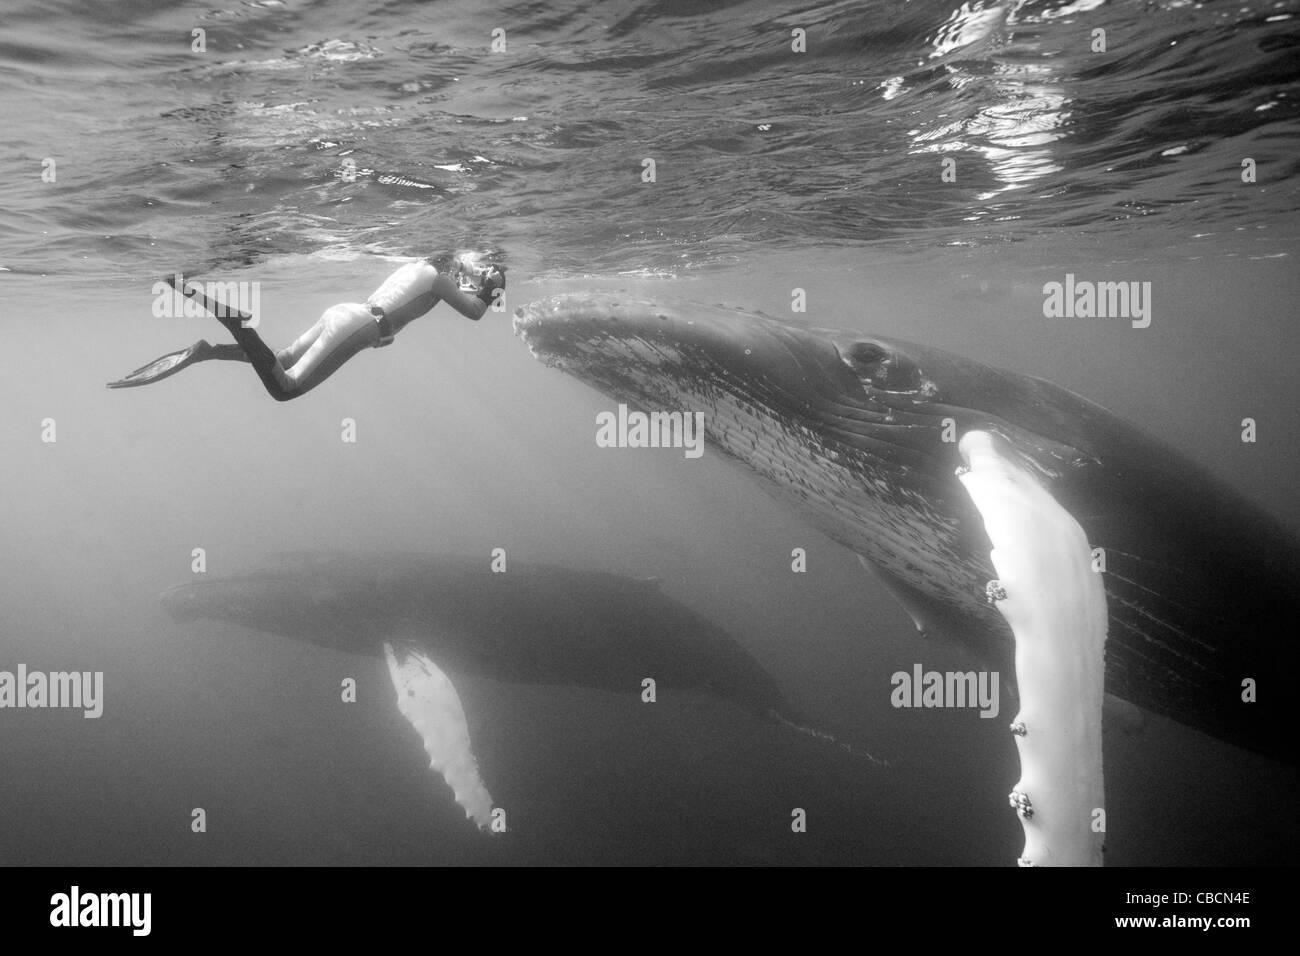 Rorqual à bosse, Megaptera novaeangliae et photographe, Silver Bank, Océan Atlantique, la République Photo Stock